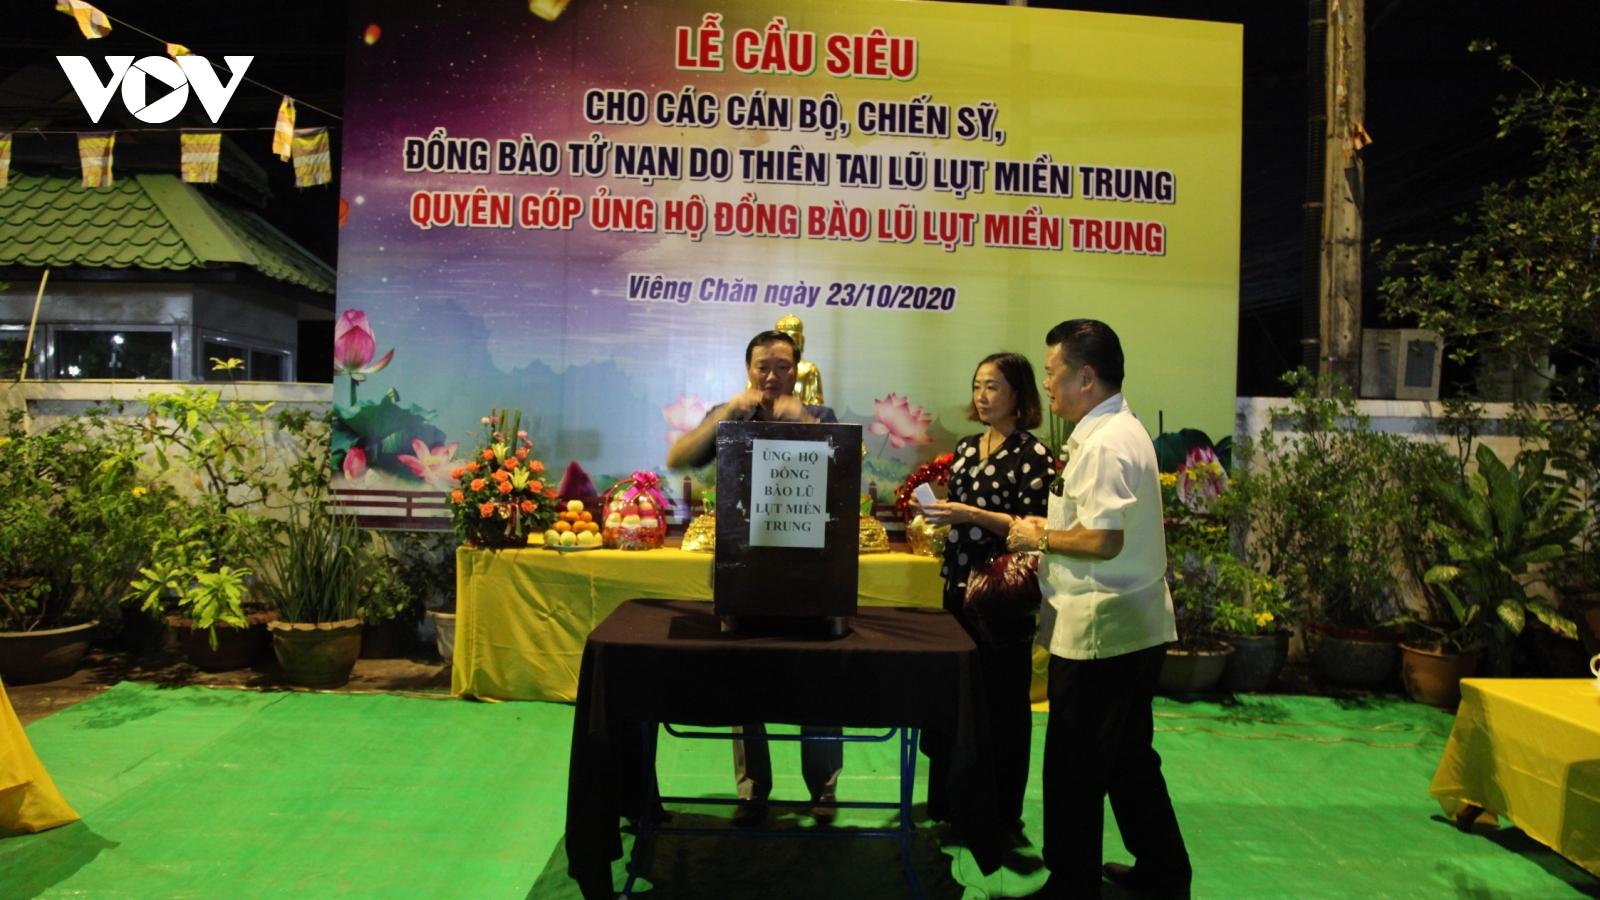 Người Việt ở Vientiane (Lào) cầu siêu, quyên góp giúp đỡ đồng bào vùng lũ miền Trung